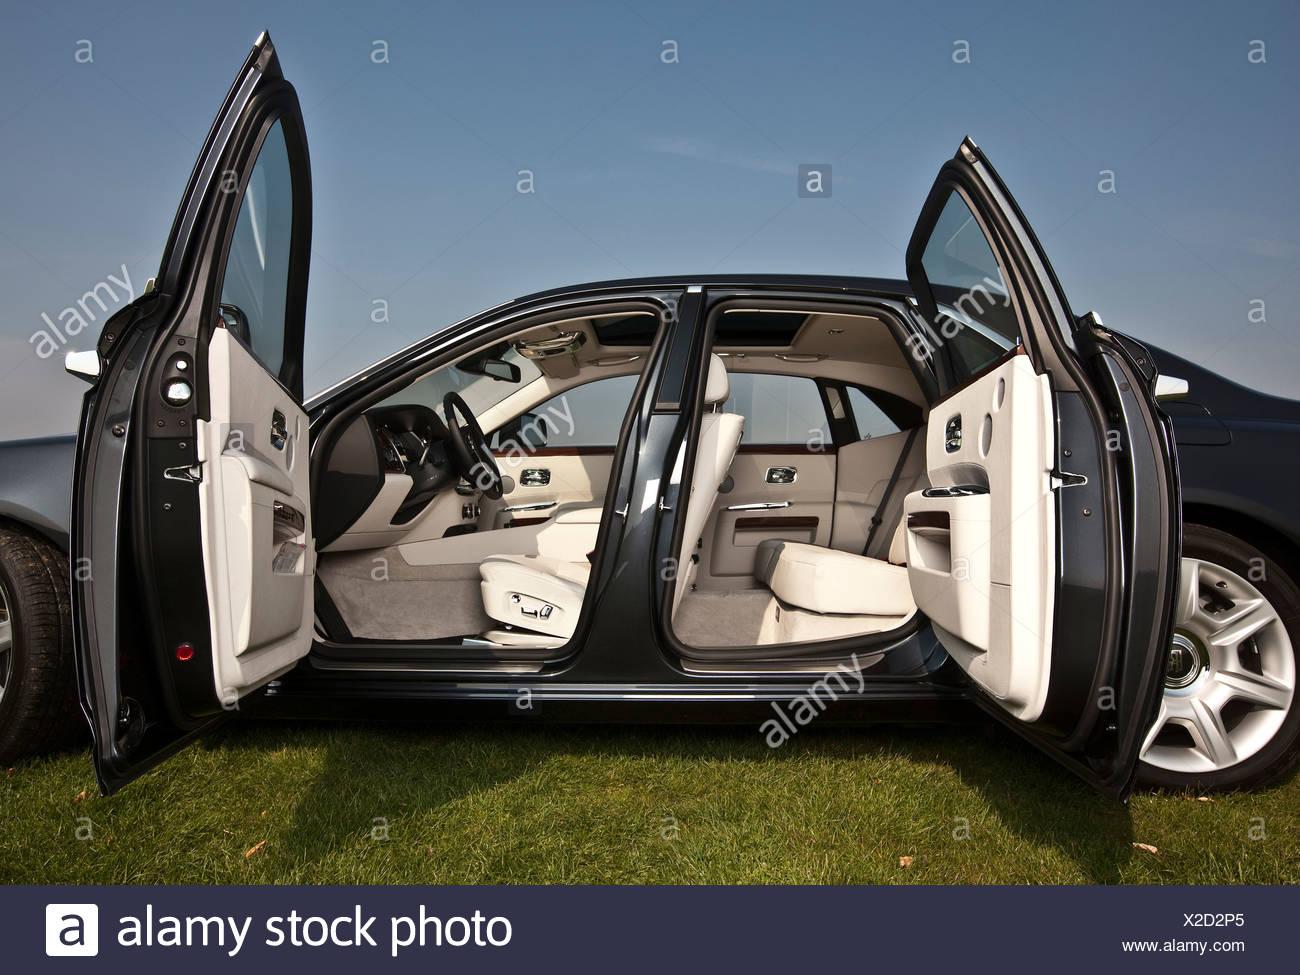 Open doors Rolls Royce Ghost luxury saloon car Goodwood UK 15 04 & Car Open Doors Stock Photos \u0026 Car Open Doors Stock Images - Alamy